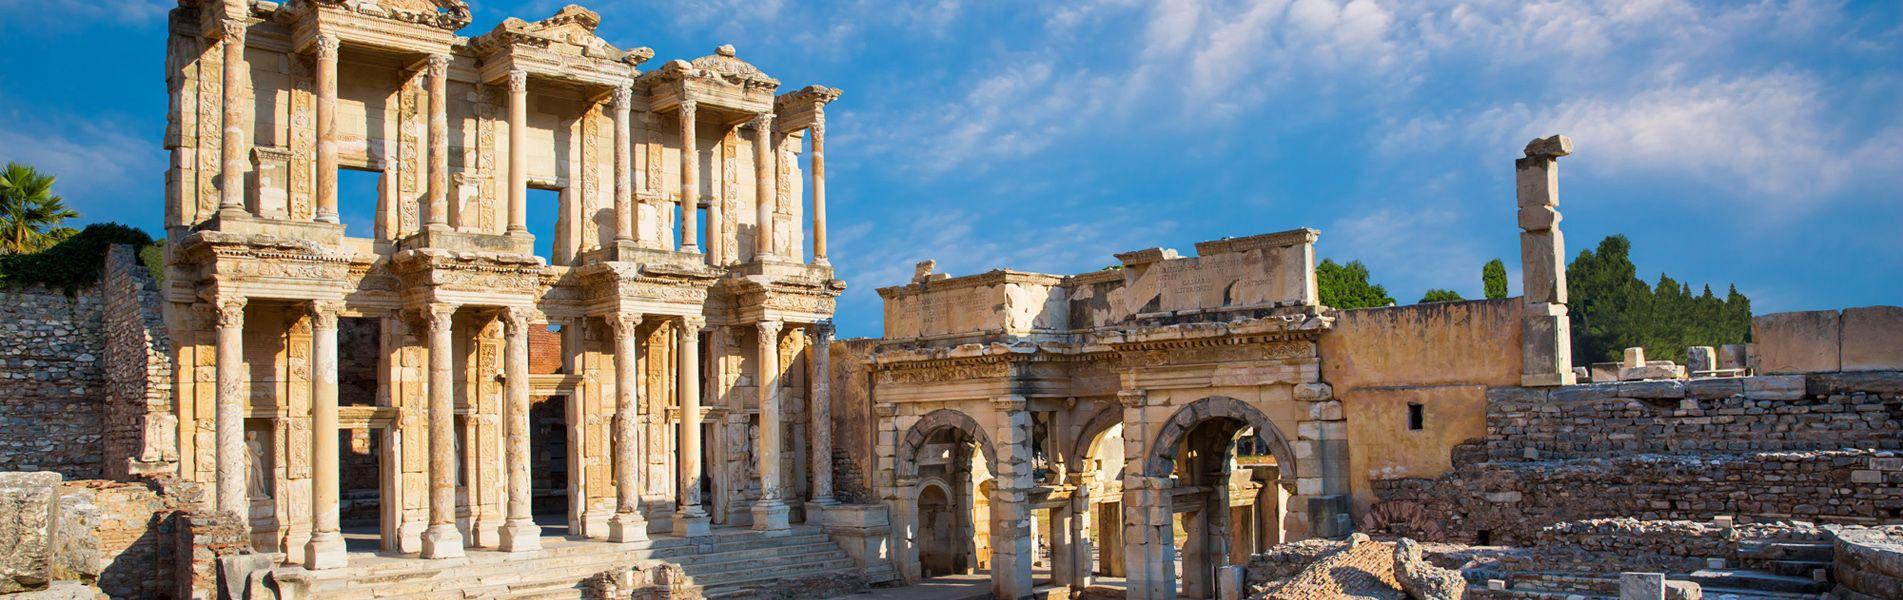 Museo Arqueológico de Éfeso, Turquía